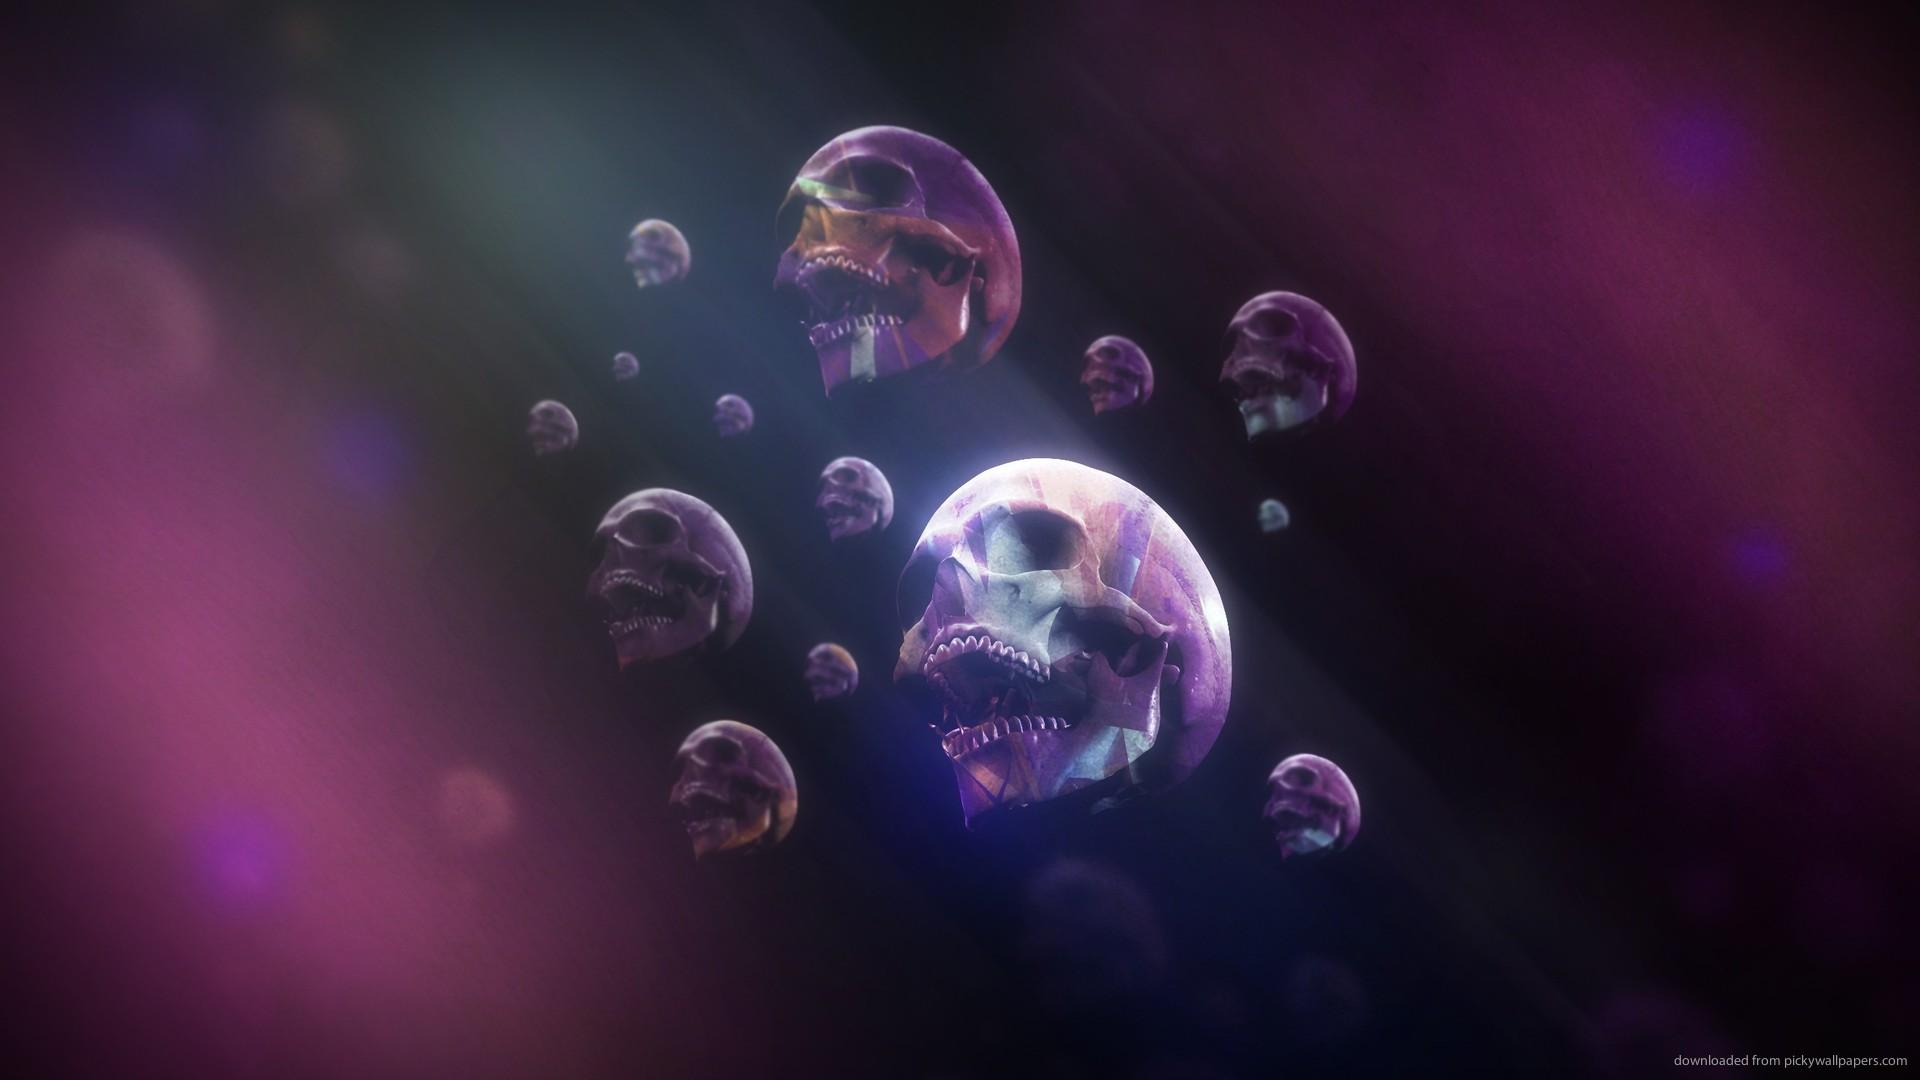 HD Psychedelic Skulls Wallpaper 1920x1080